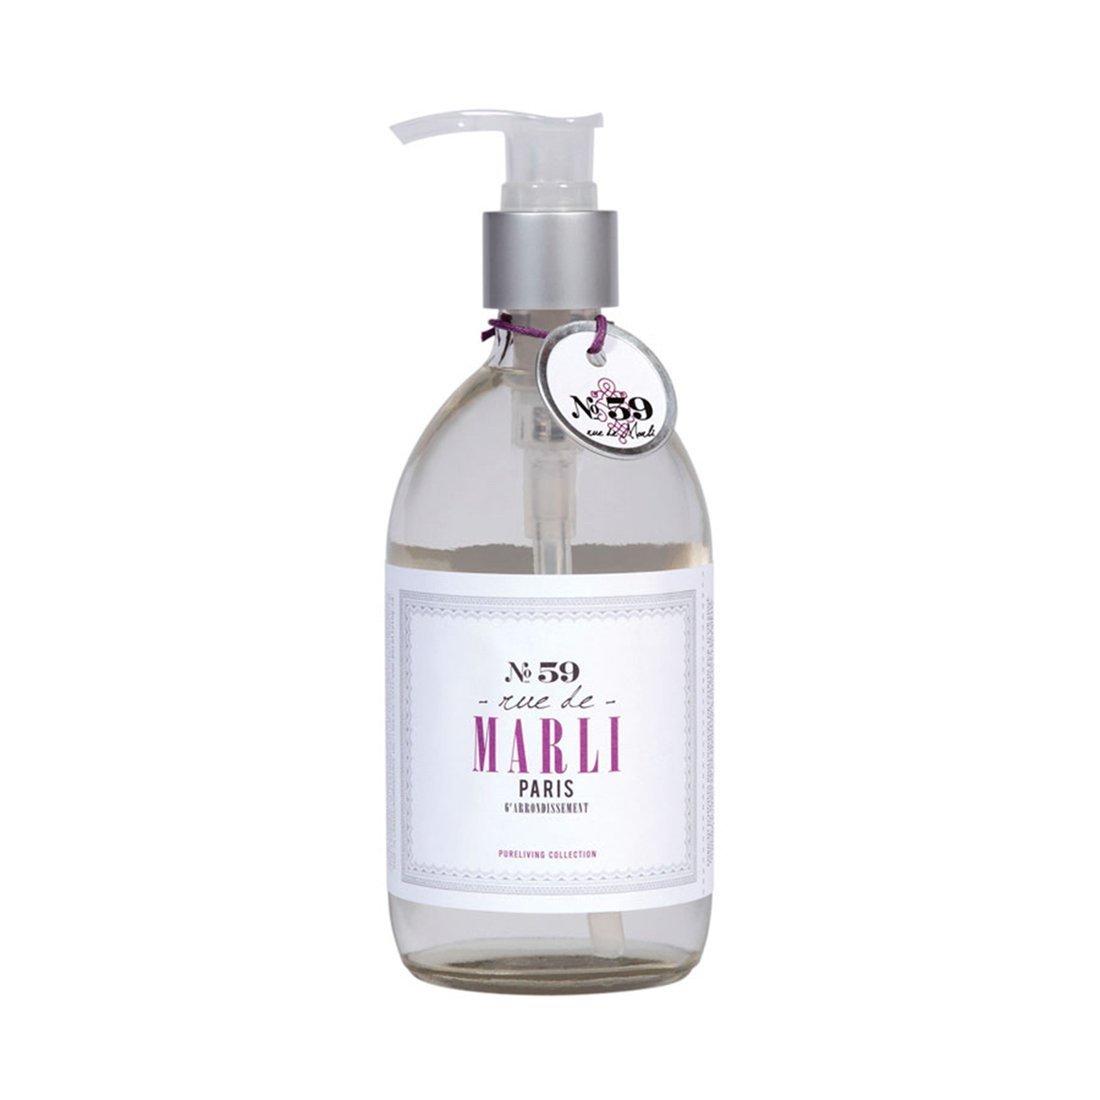 RUE DE MARLI Hand soap, M59-HS, 10.1 Fluid Ounce AROMASOURCE INC